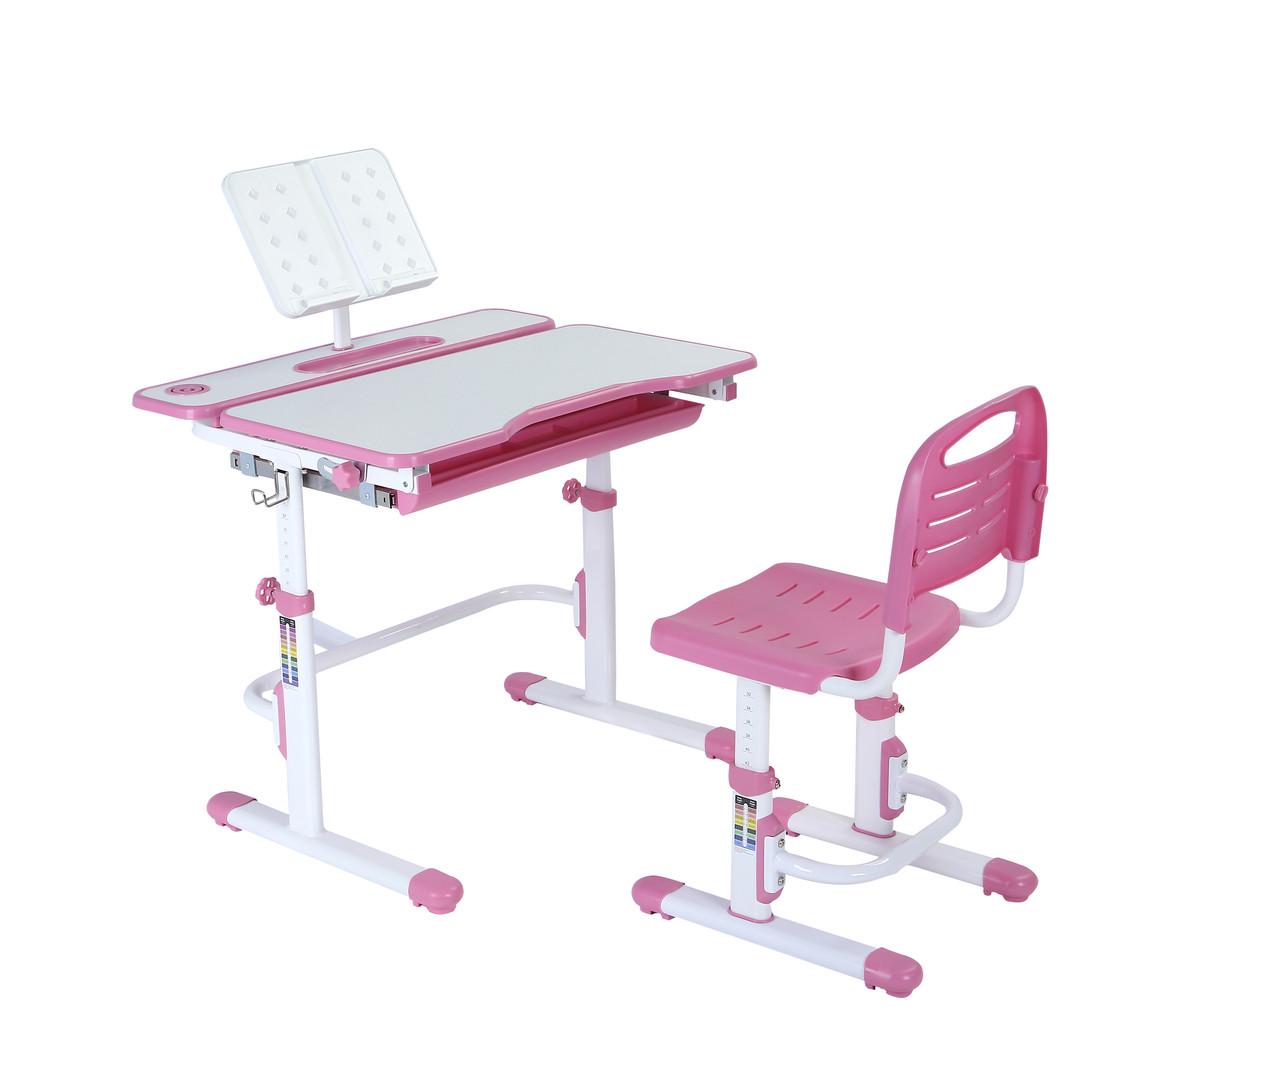 Эргономический комплект Cubby парта и стул-трансформеры Botero Pink - ОПТОМ ДЛЯ ШКОЛ